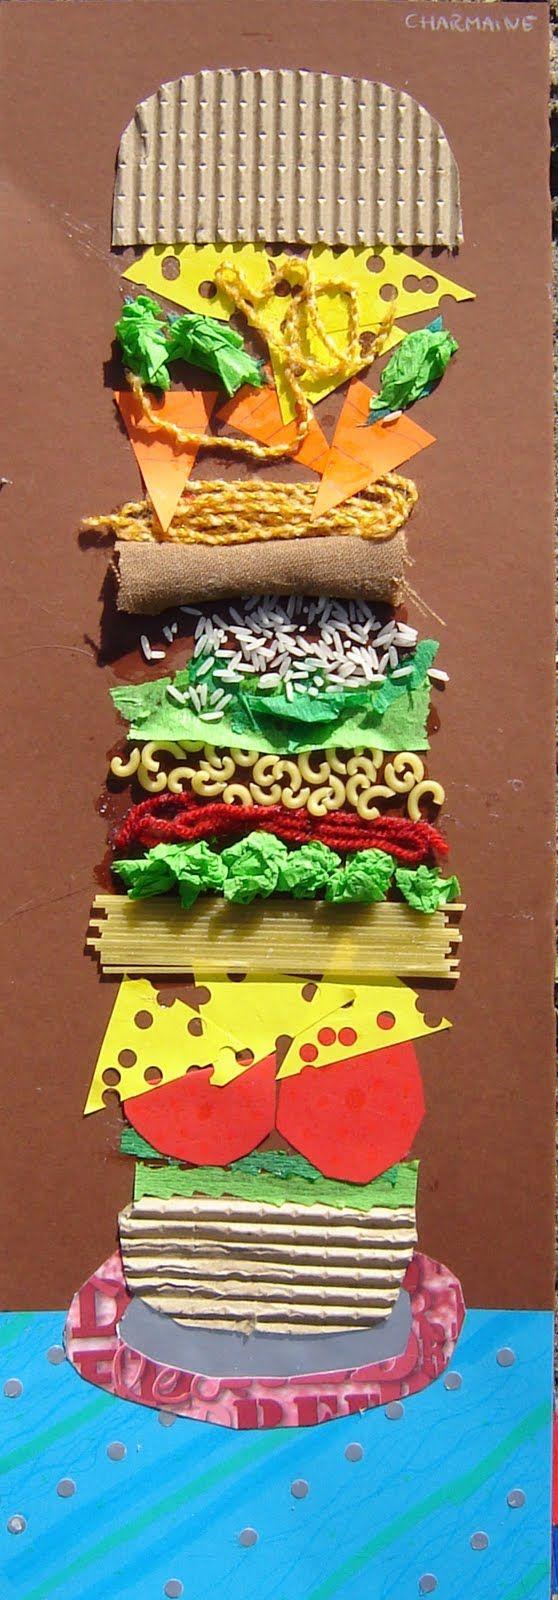 布汉堡手工制作图片